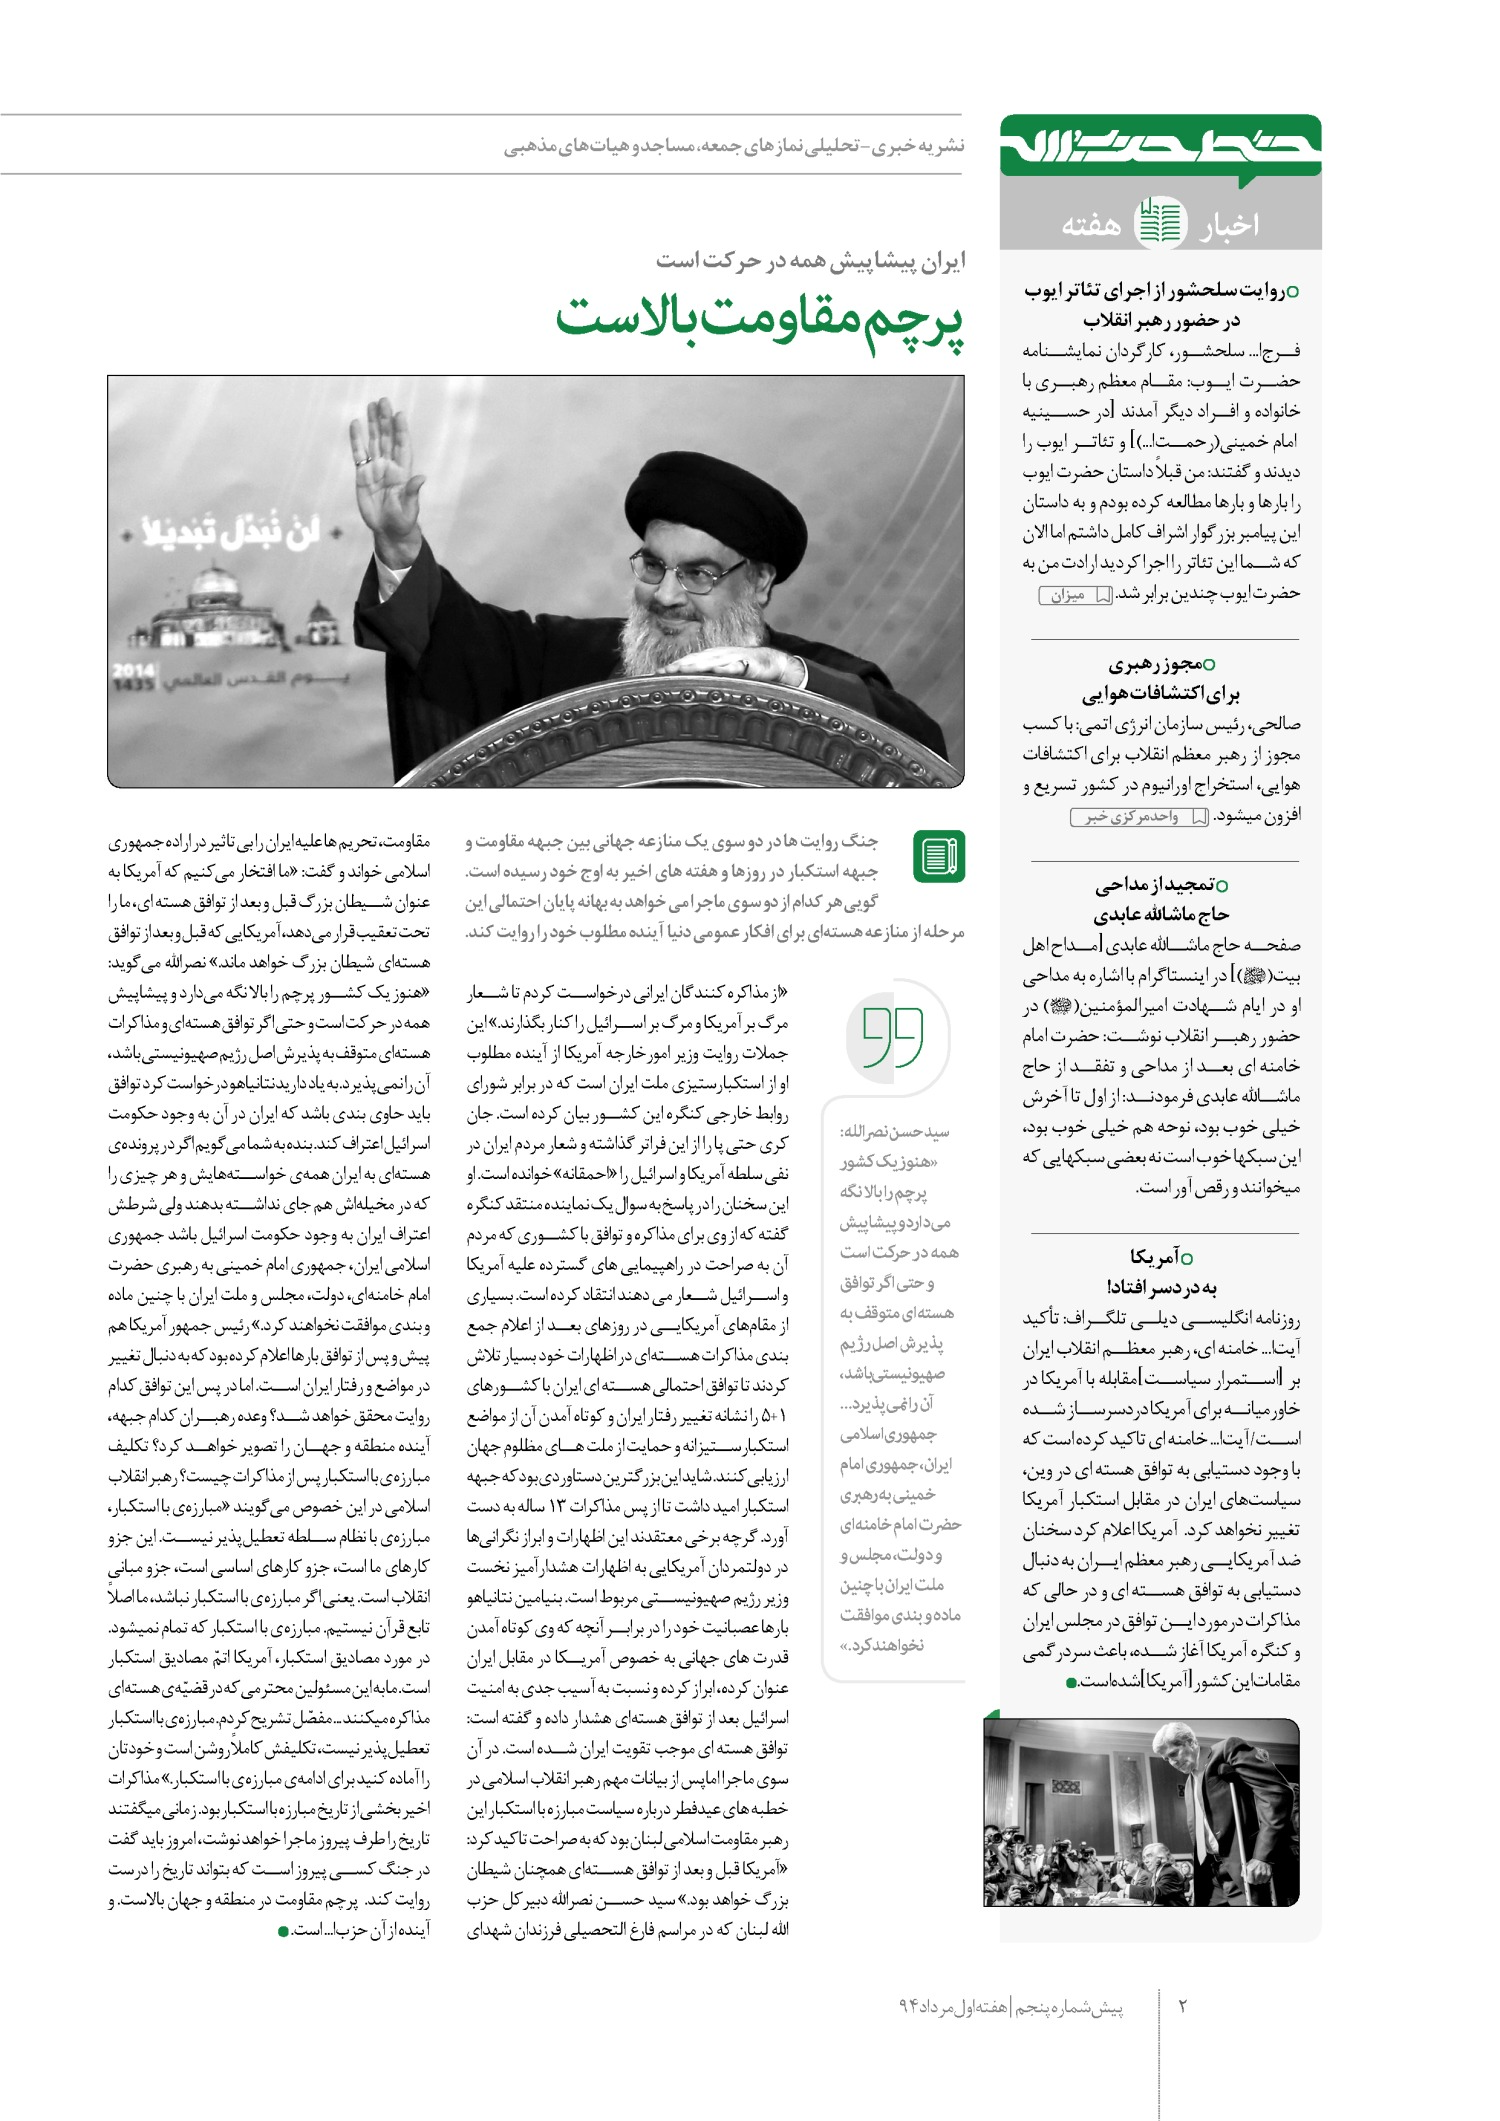 خط حزب الله -پیش شماره پنجم page large 211